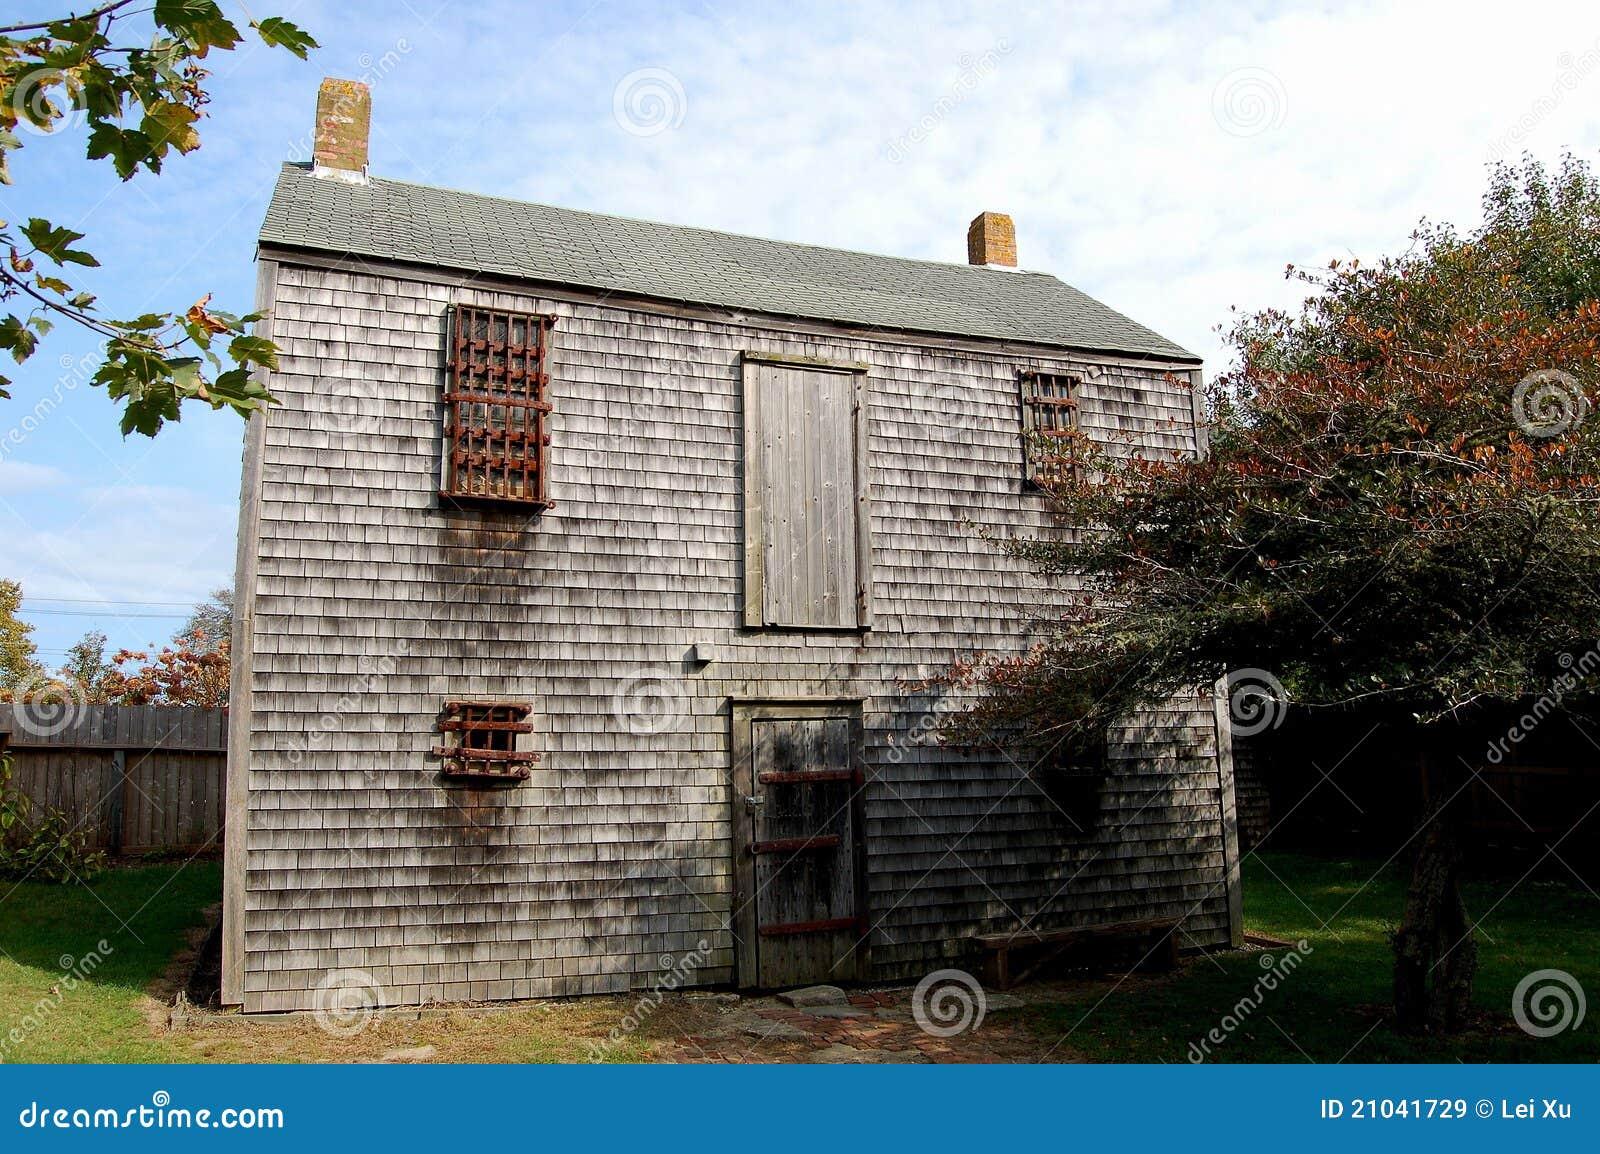 Nantucket, doctorandus in de letteren: de Gevangenis van de 19de Eeuw